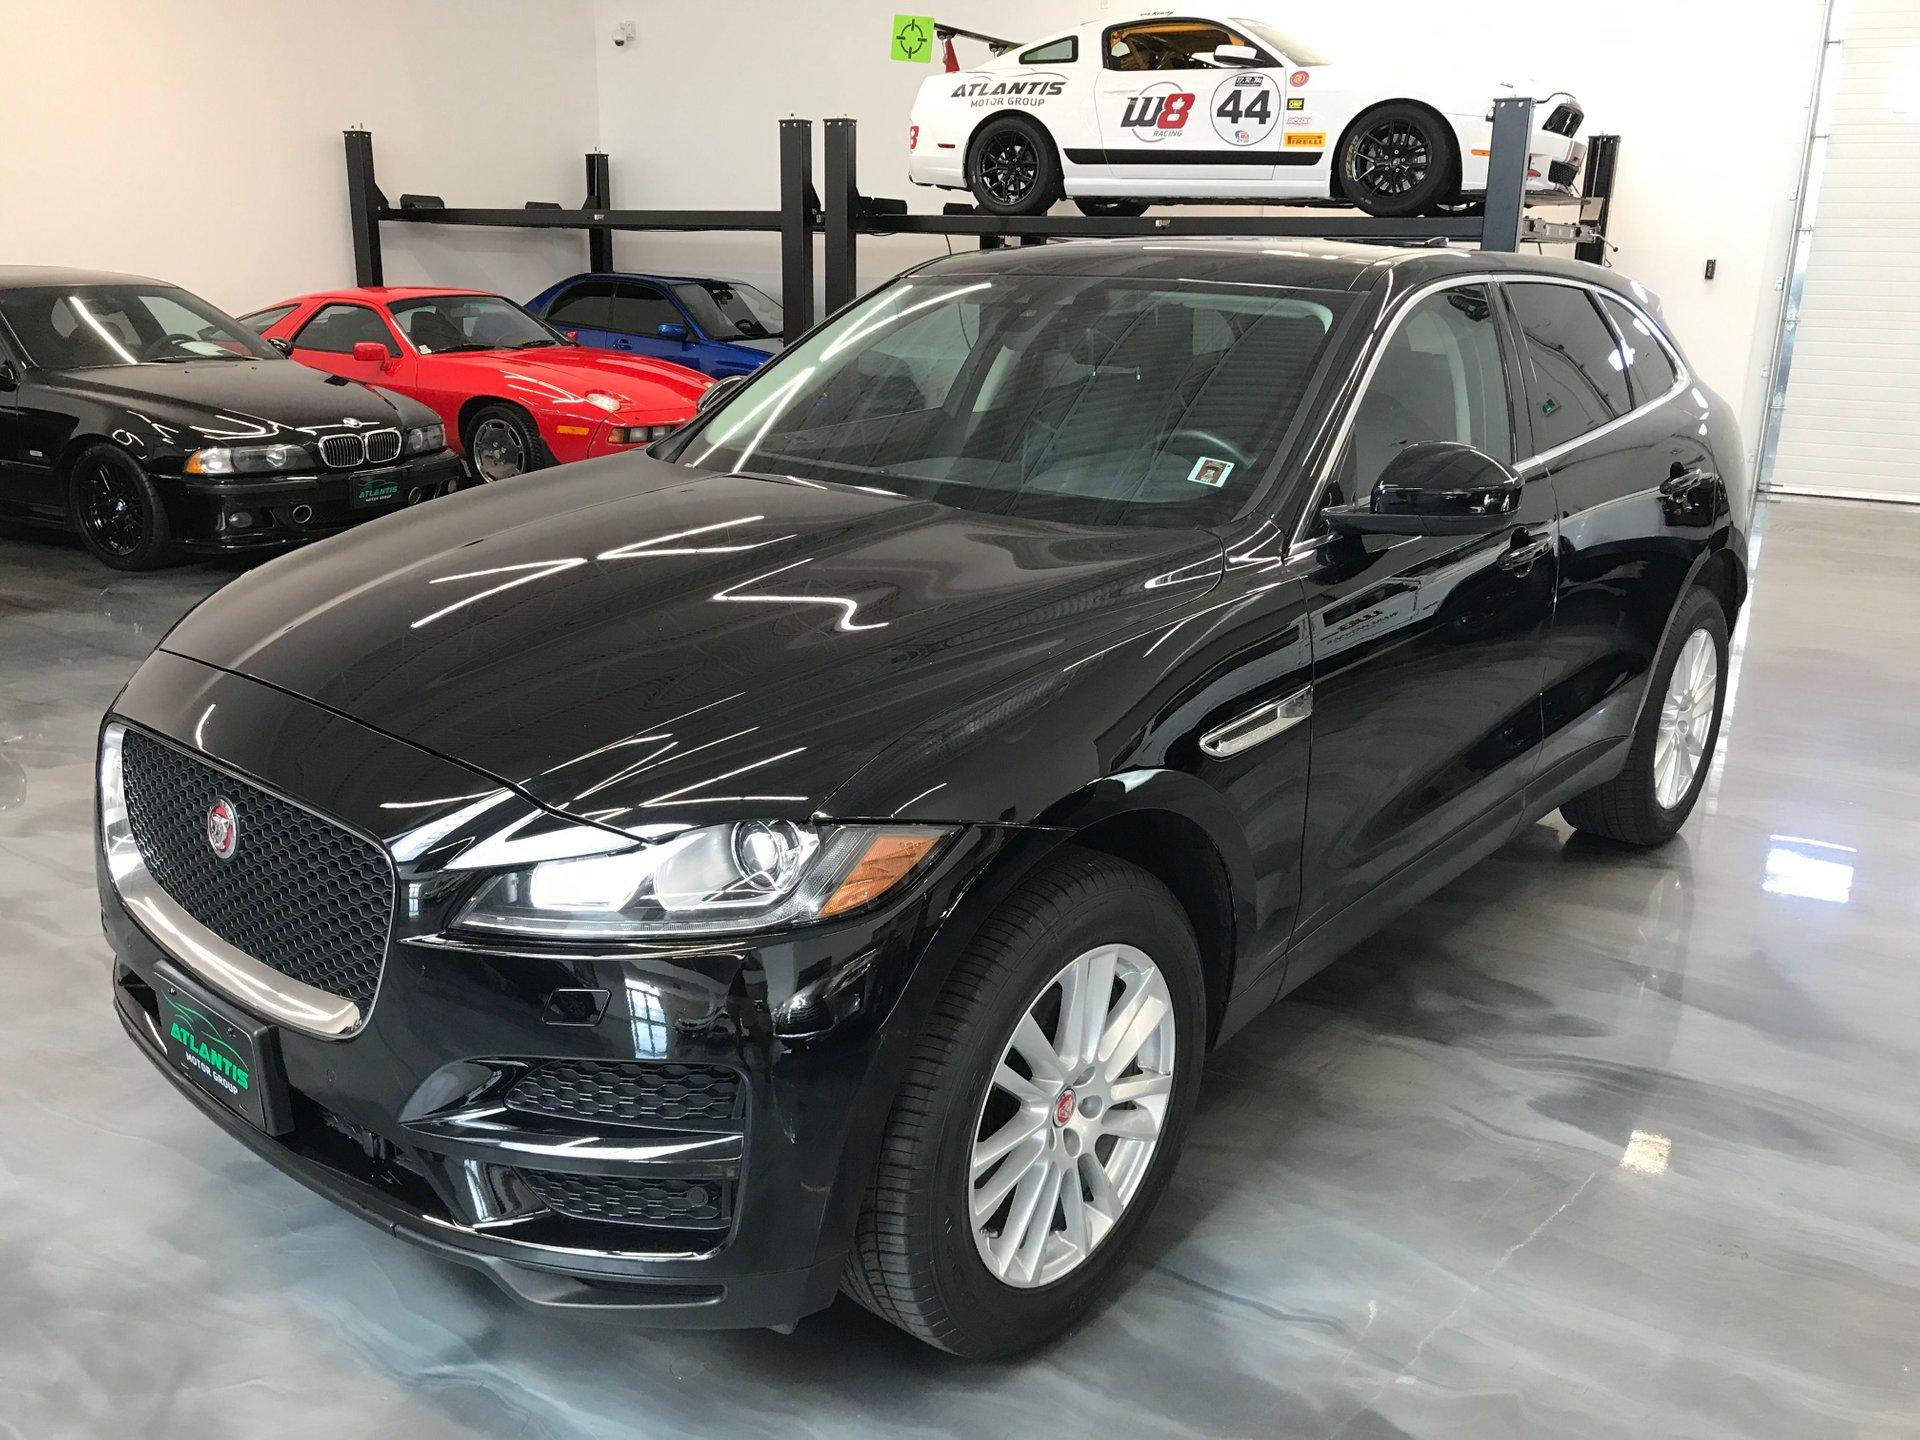 2019 jaguar f pace sold